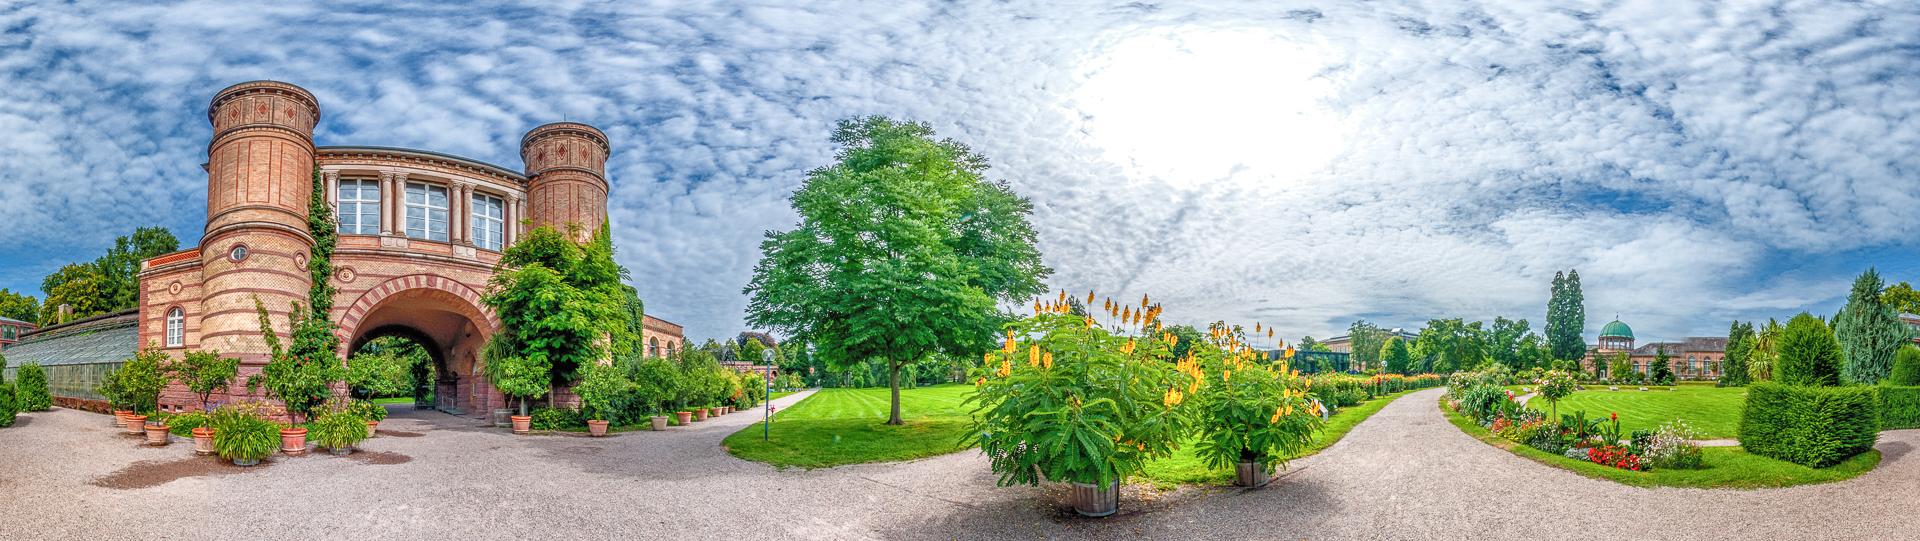 Botanischer-Garten-Karlsruhe